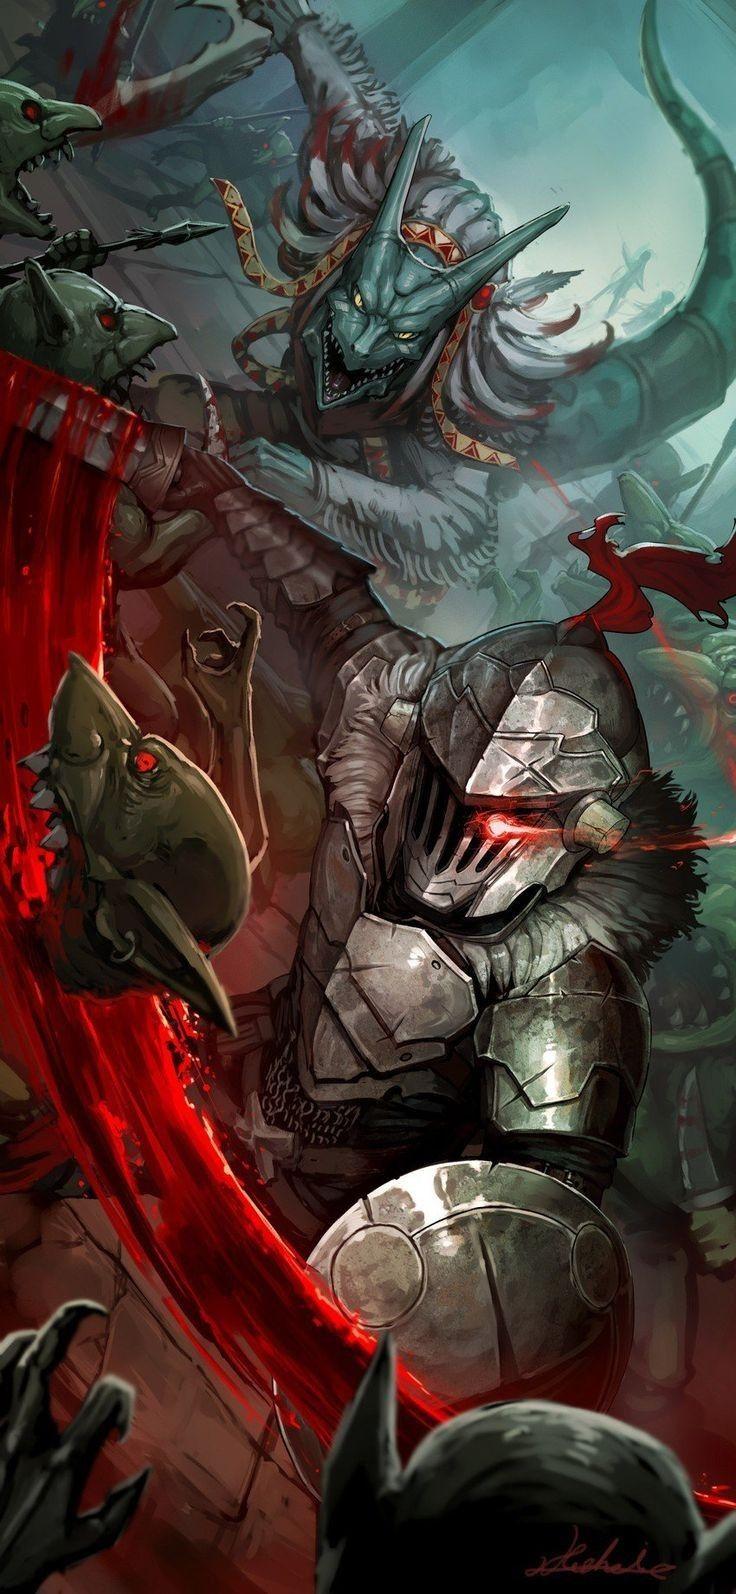 Pin by My Info on Anime Slayer anime, Goblin, Anime